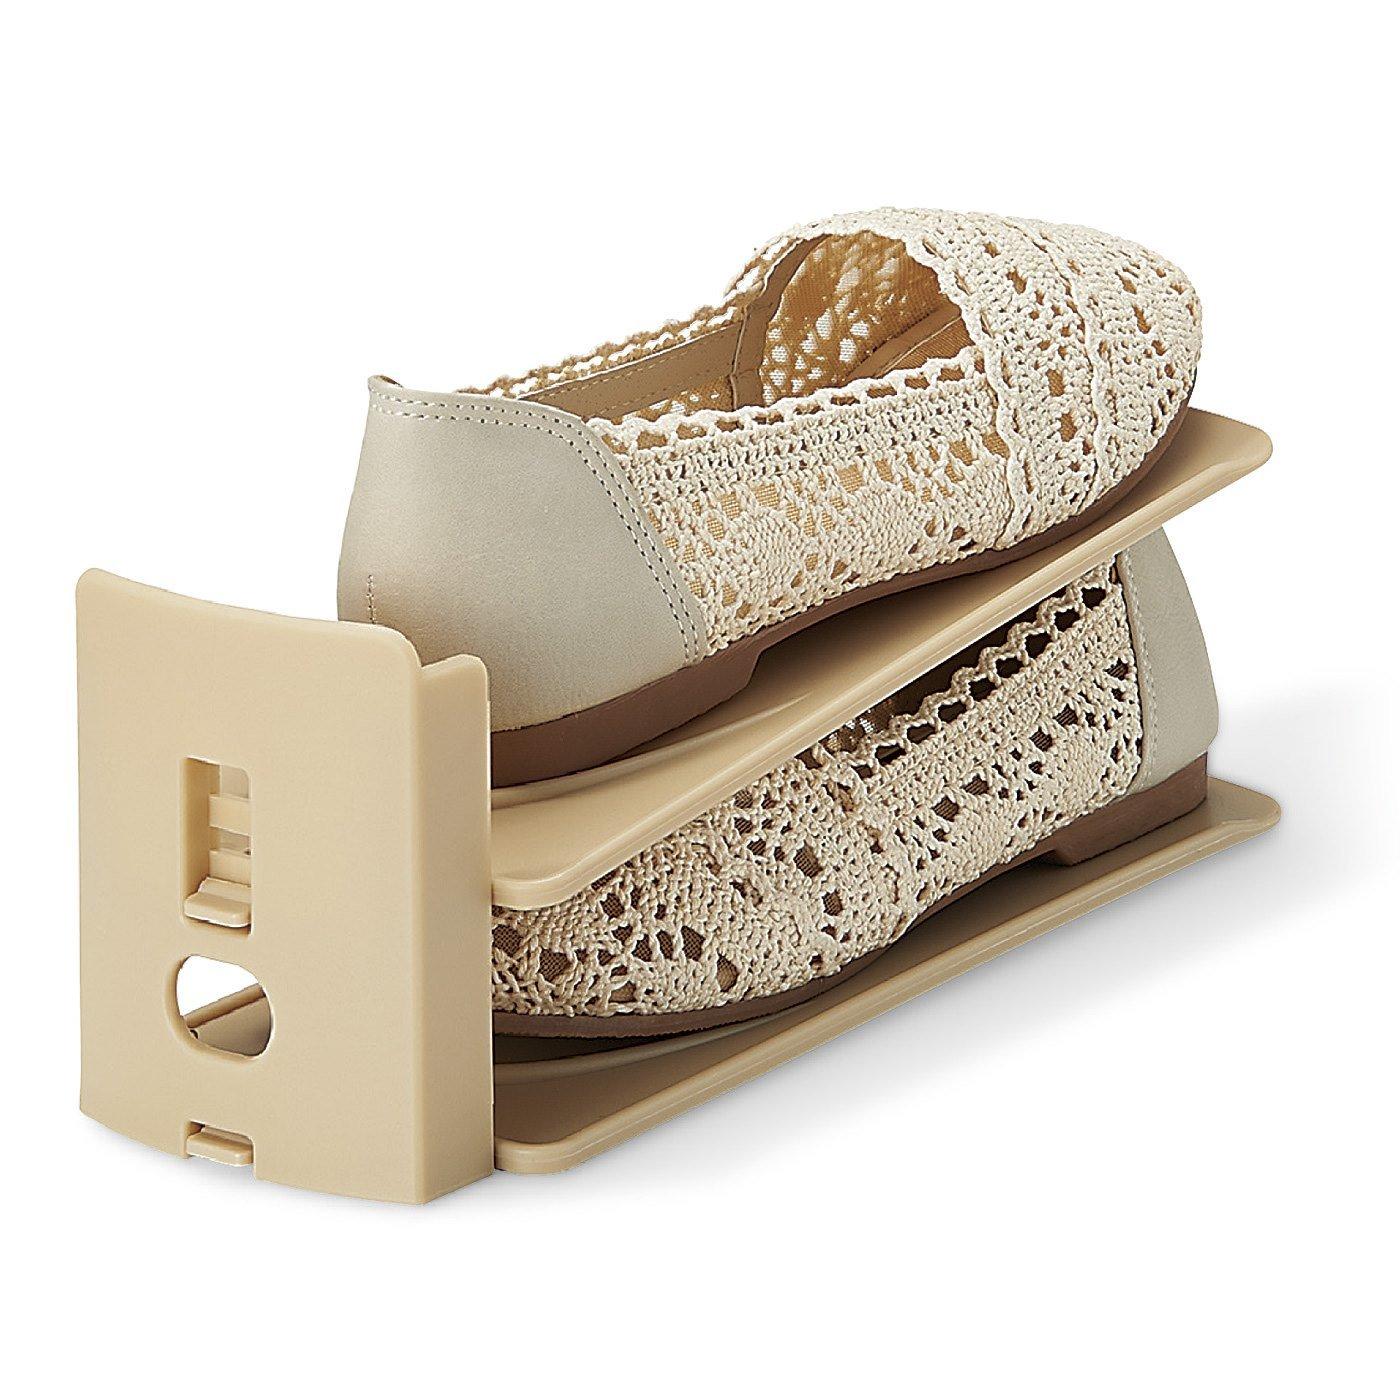 3段階に高さ調節ができる靴ホルダー〈ベージュ3足セット〉の会